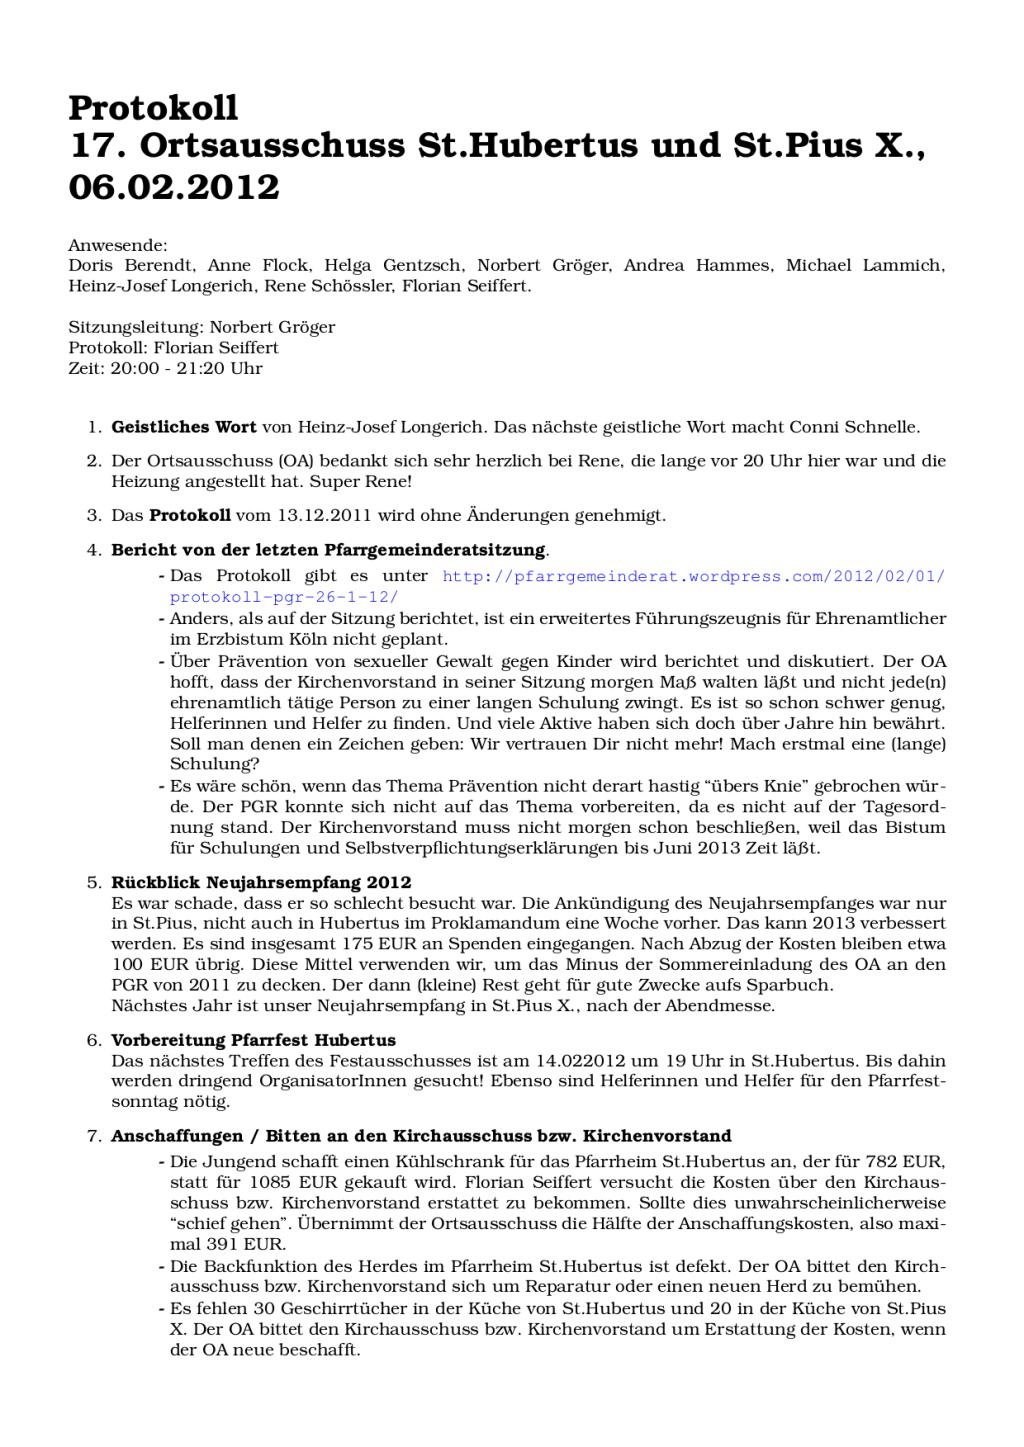 Protokoll Ortsausschuss Hubertus Pius 06.02.2012